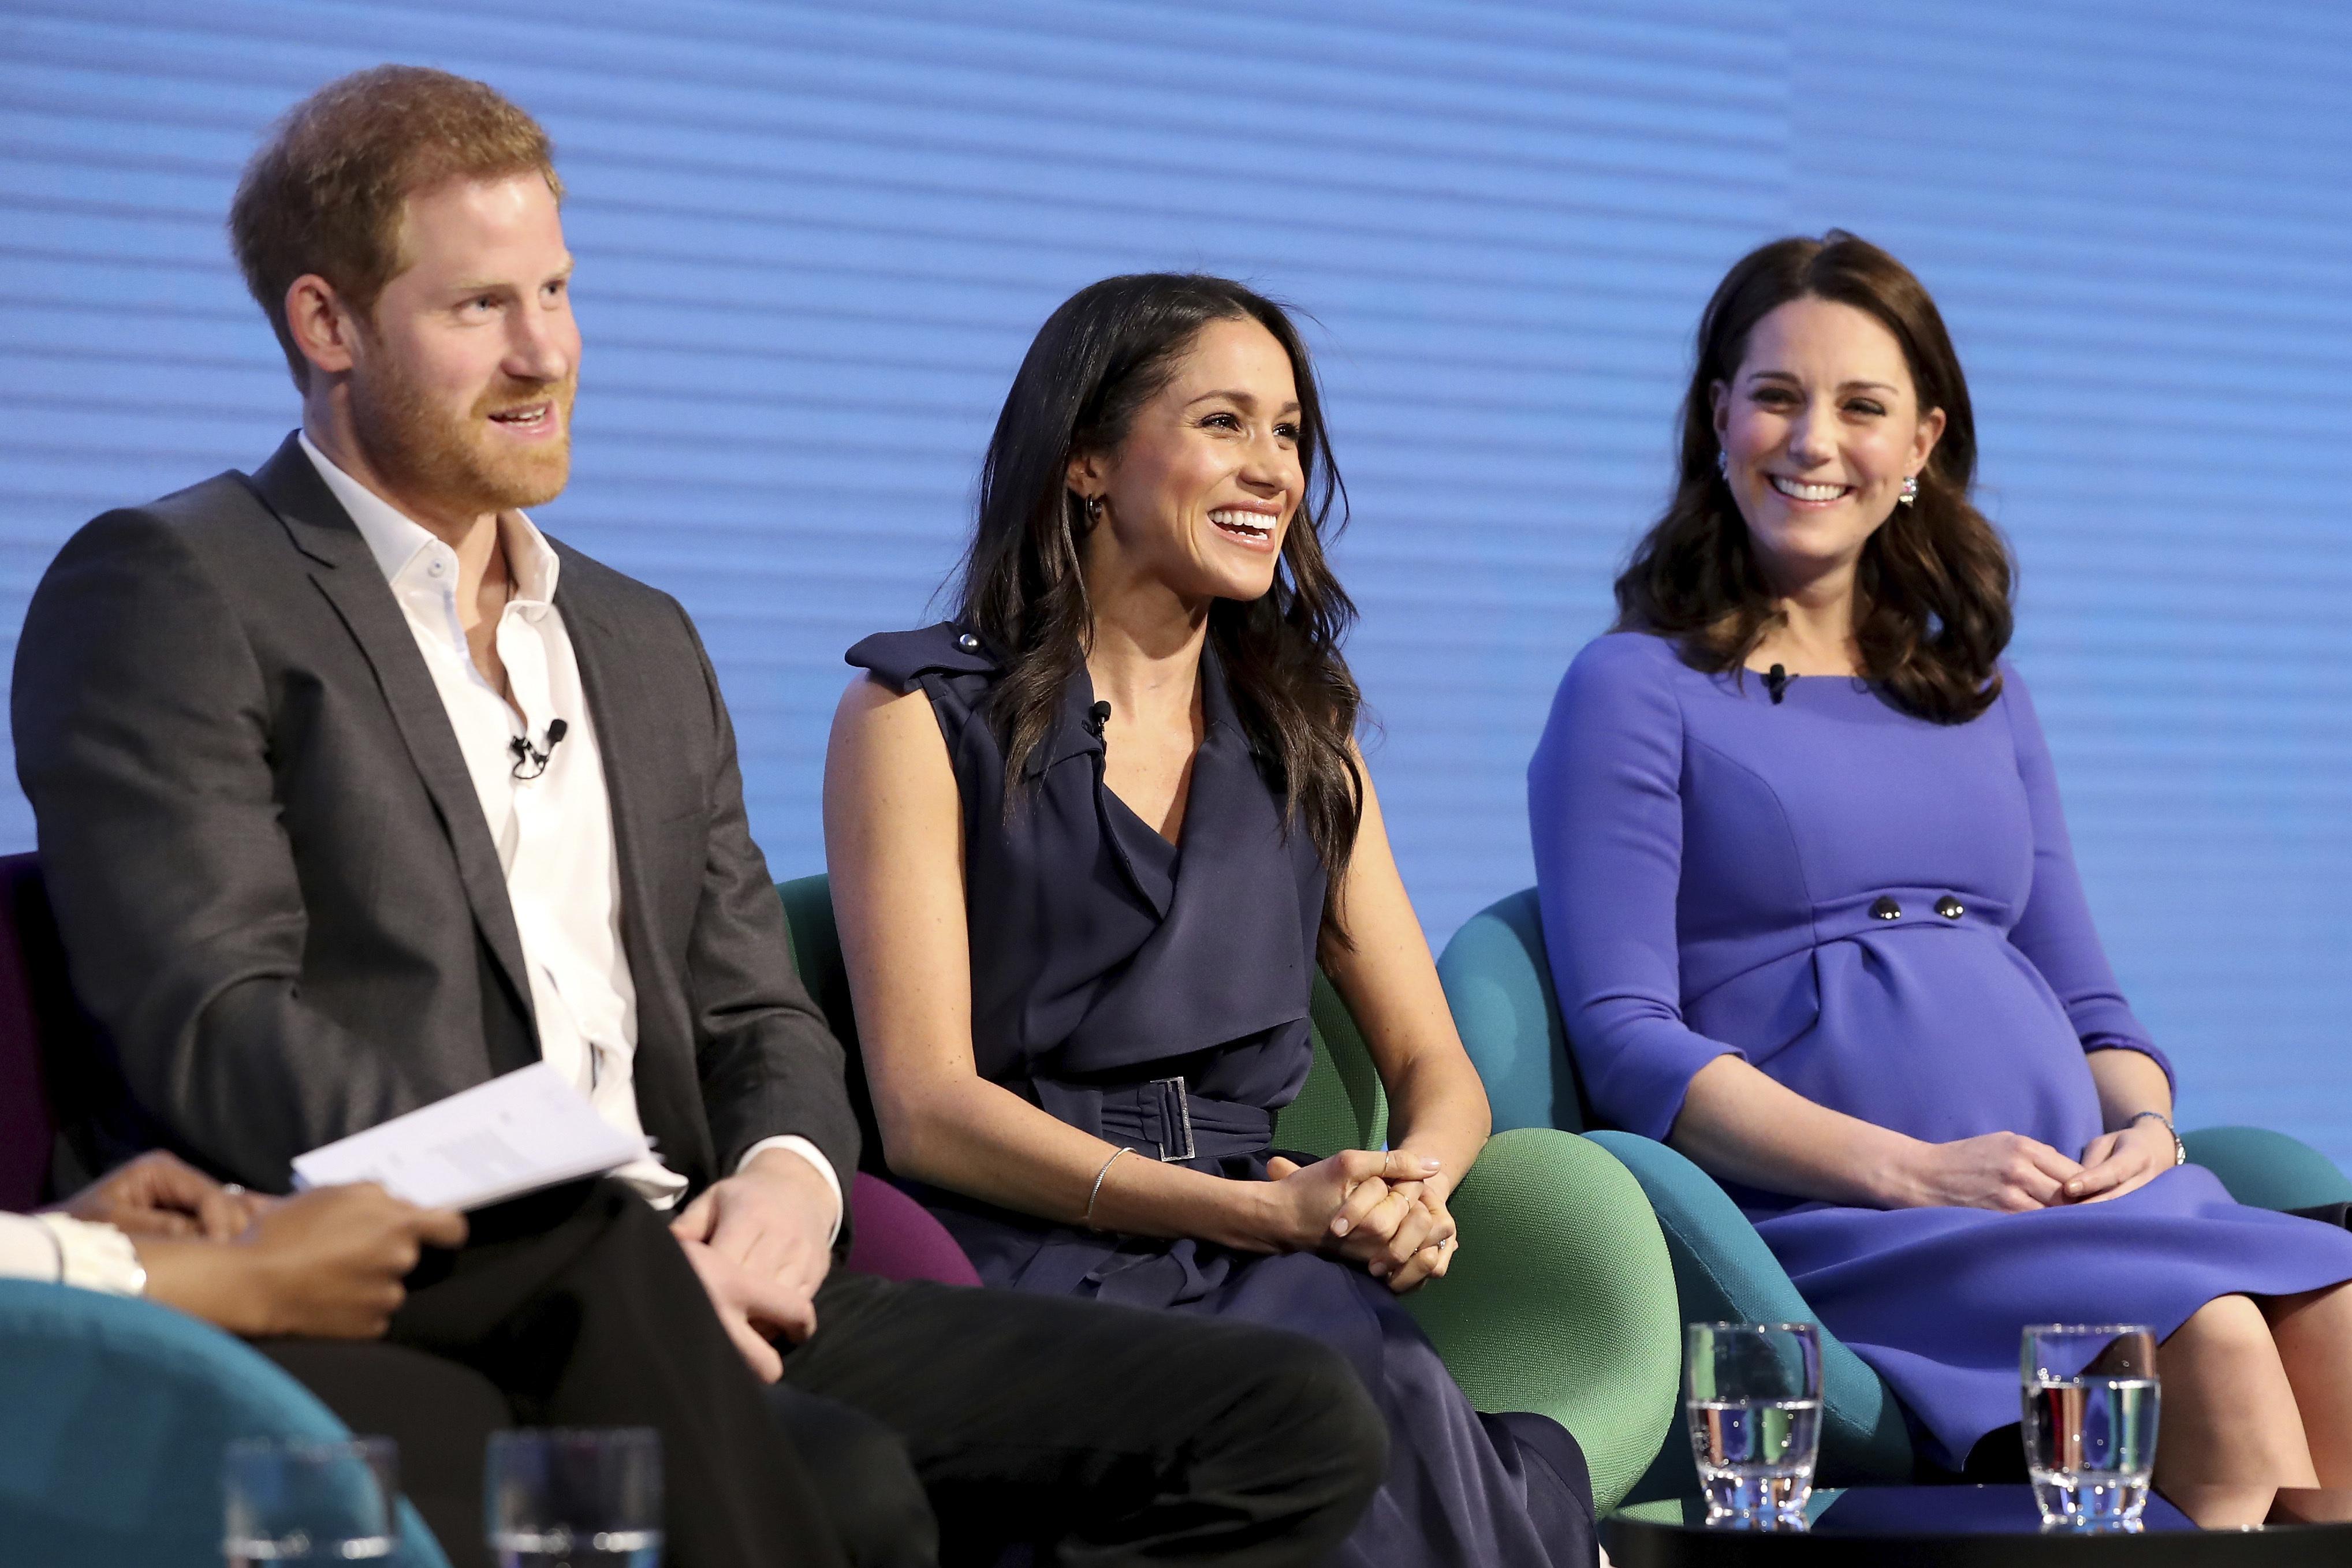 A finales de febrero de 2018, Meghan se unió por primera vez a su prometido, y a los duques de Cambridge en un foro en Londres donde debatieron proyectos pasados, presentes y futuros de la Fundación Real. (Archivo)